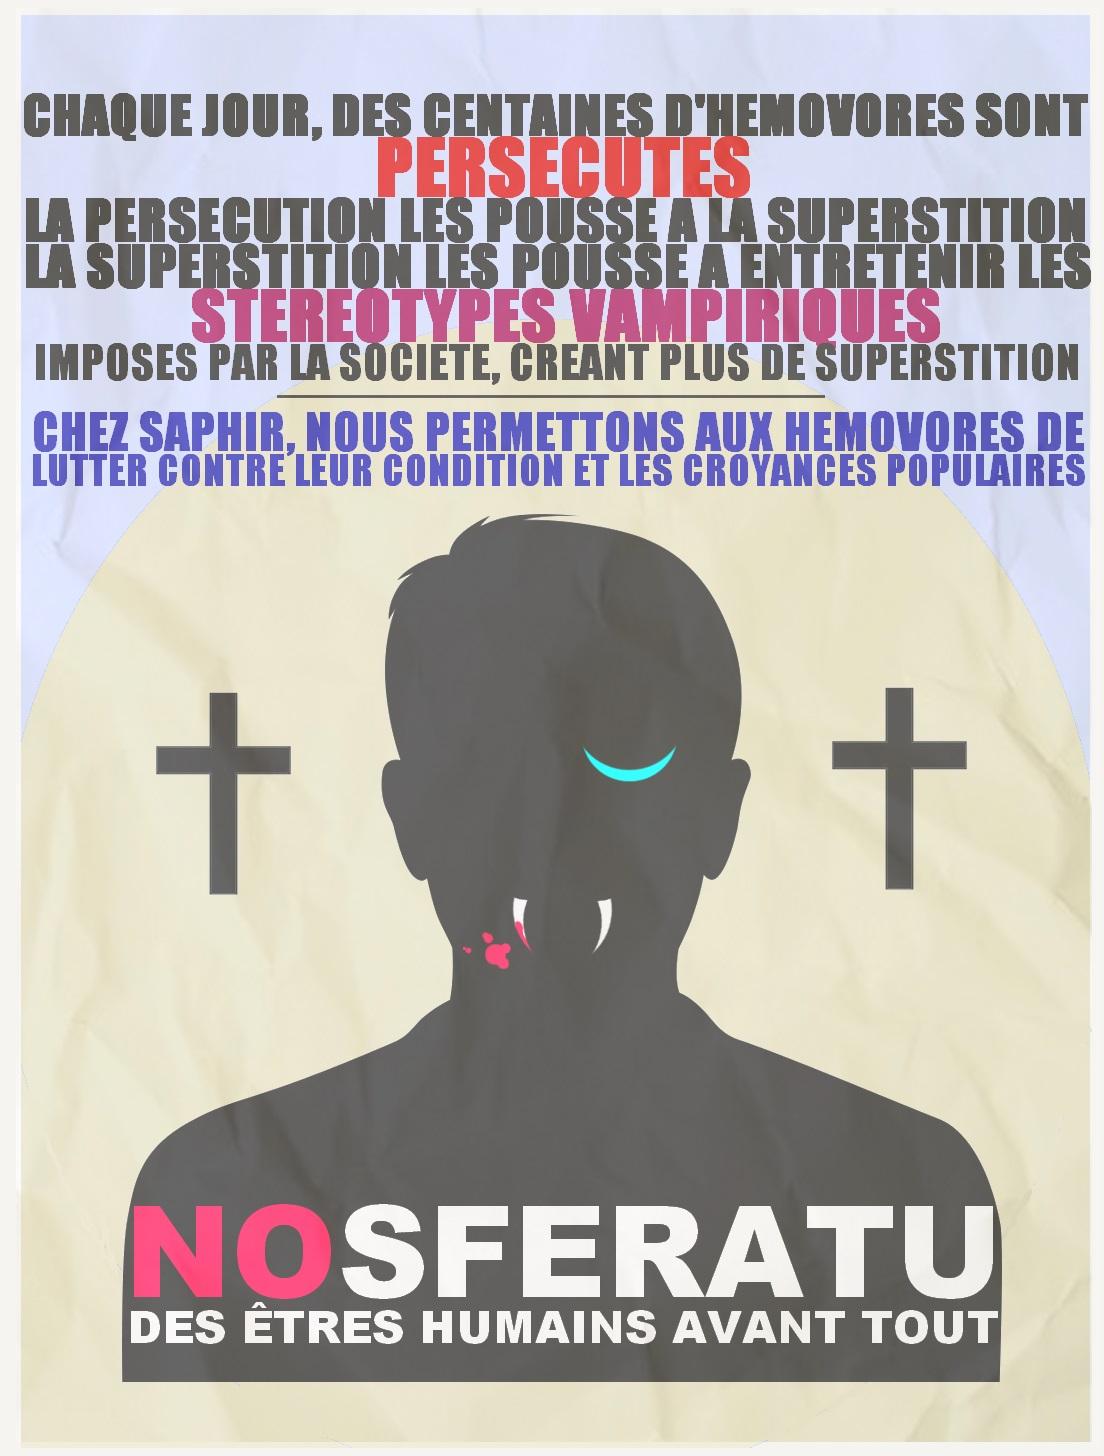 7_Nosferatu.jpg